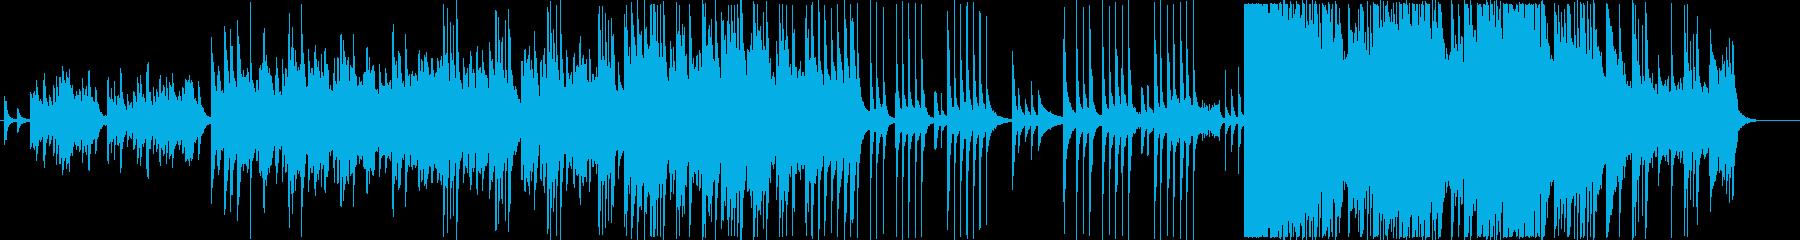 華やかに響く壮大な和のBGMの再生済みの波形